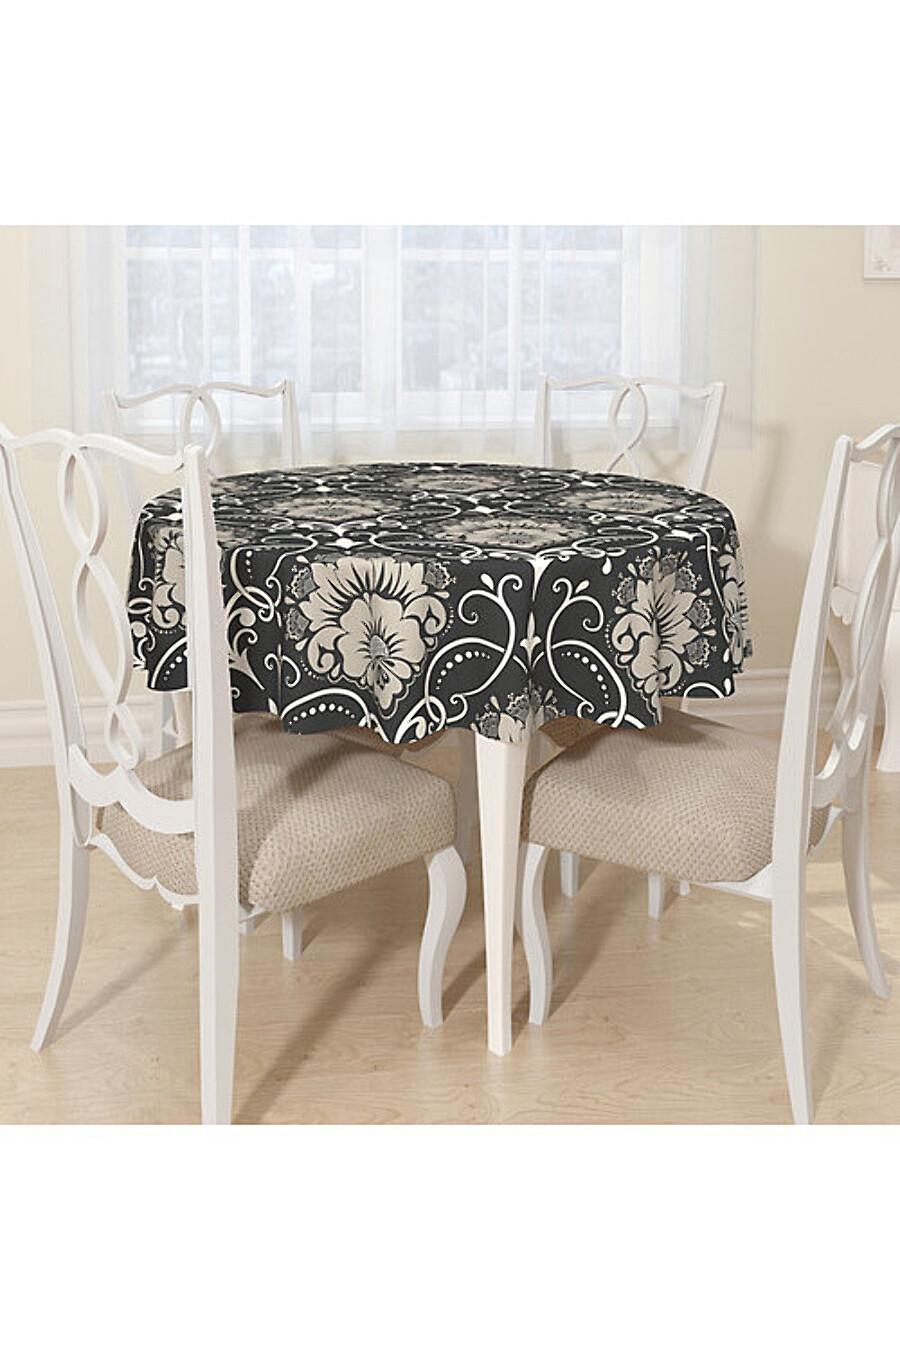 Скатерть для дома ART HOME TEXTILE 180338 купить оптом от производителя. Совместная покупка товаров для дома в OptMoyo